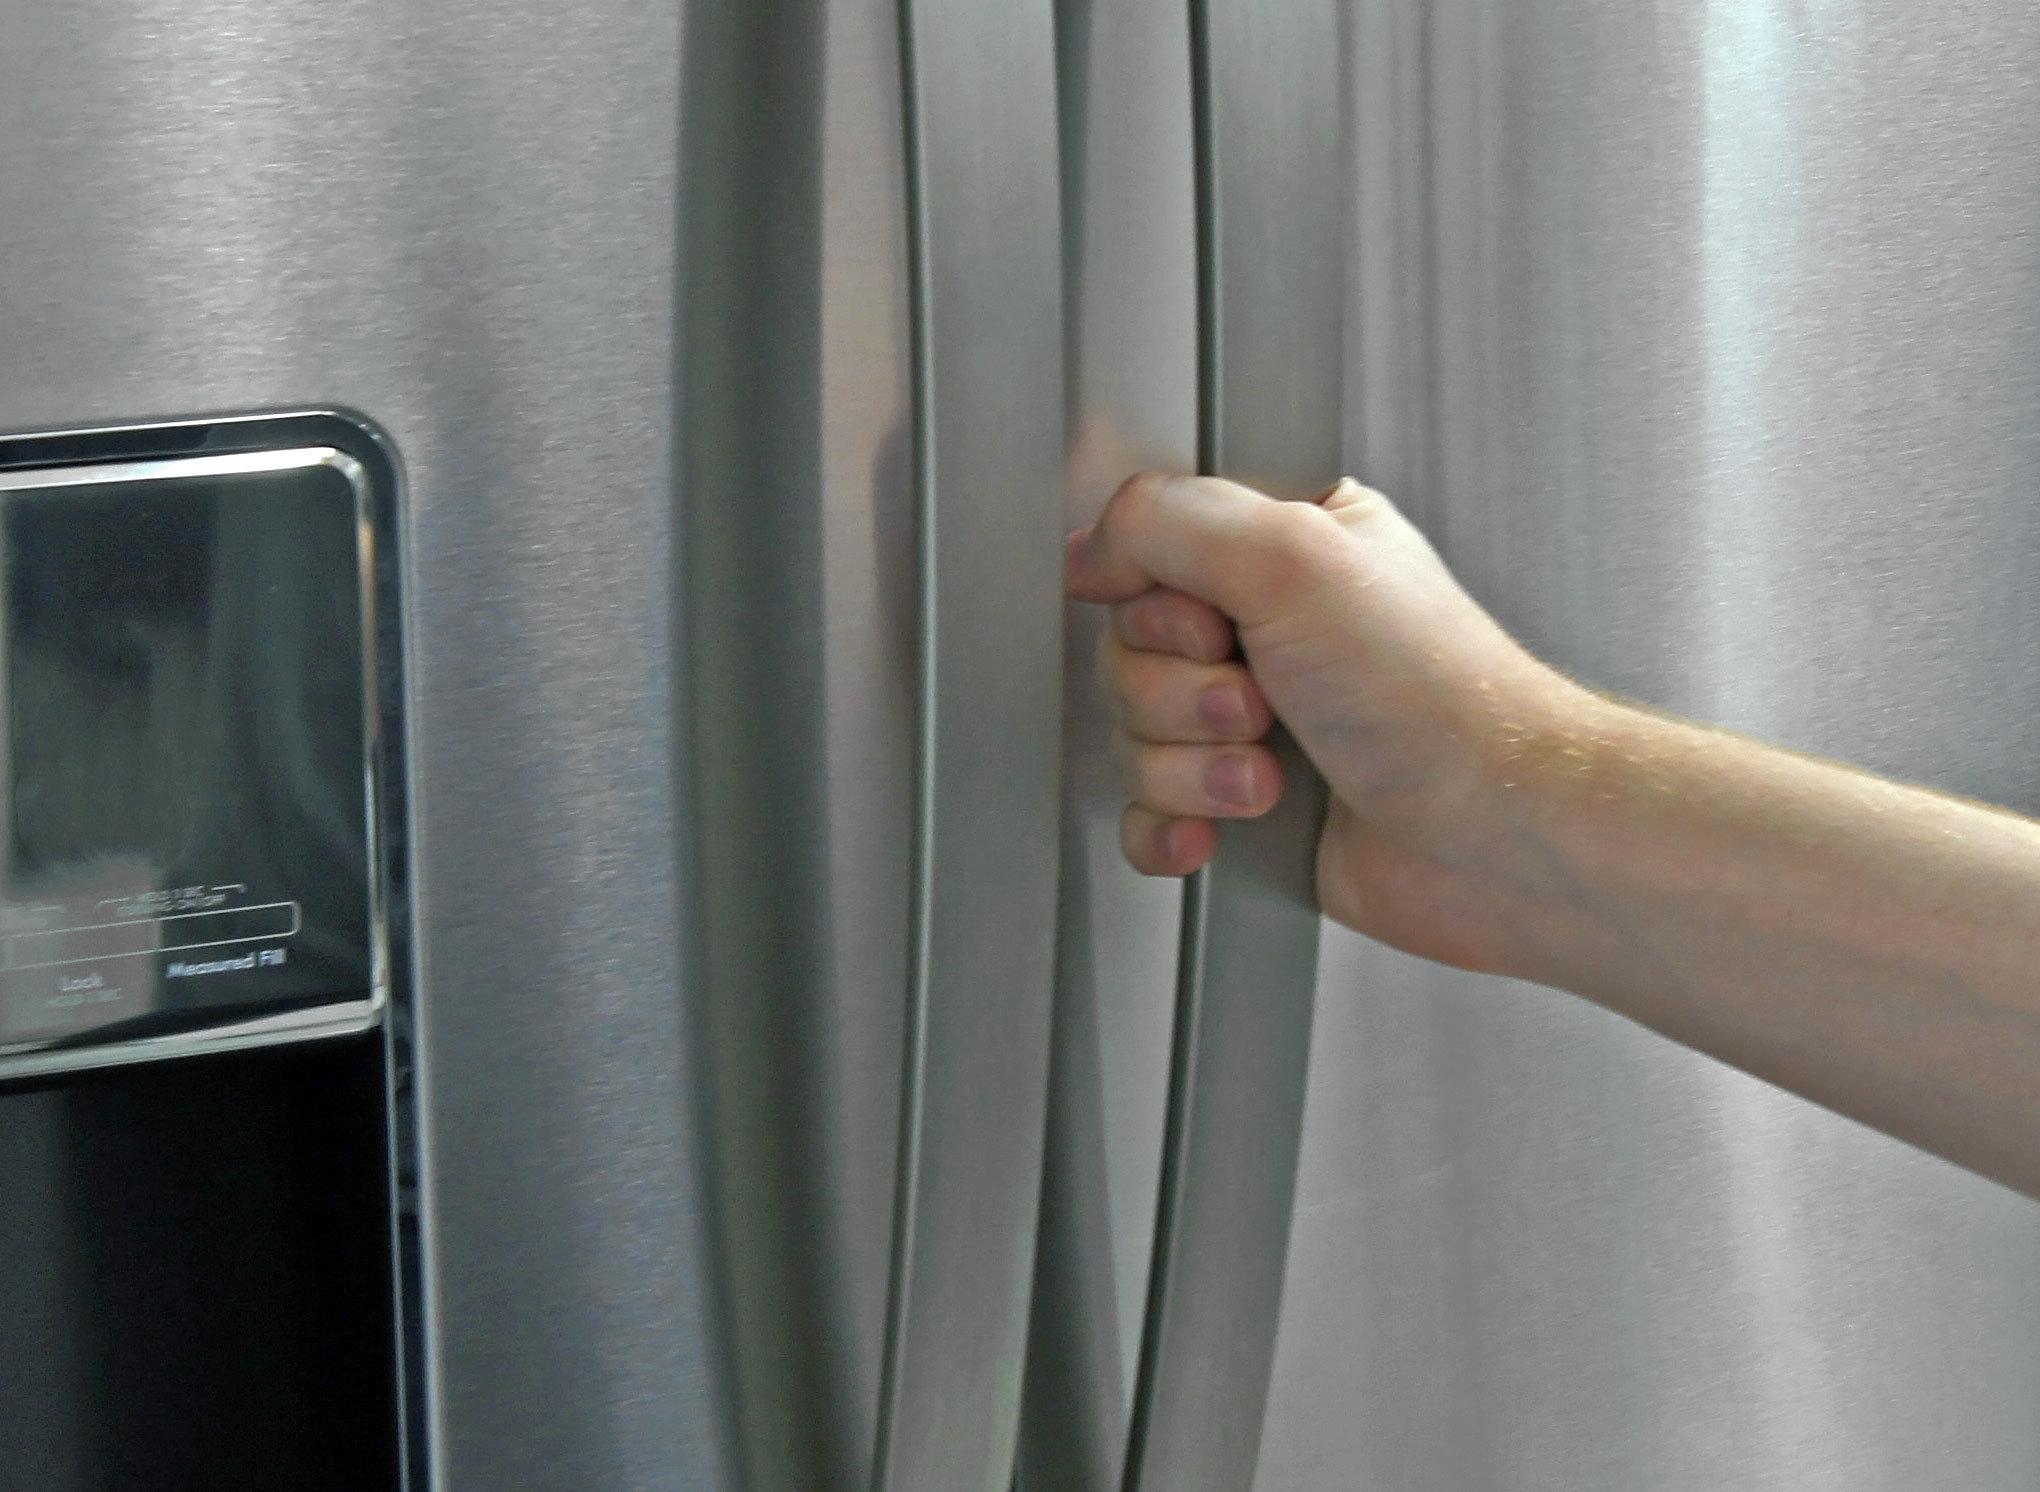 Kenmore 72383 Refrigerator Review Reviewed Com Refrigerators